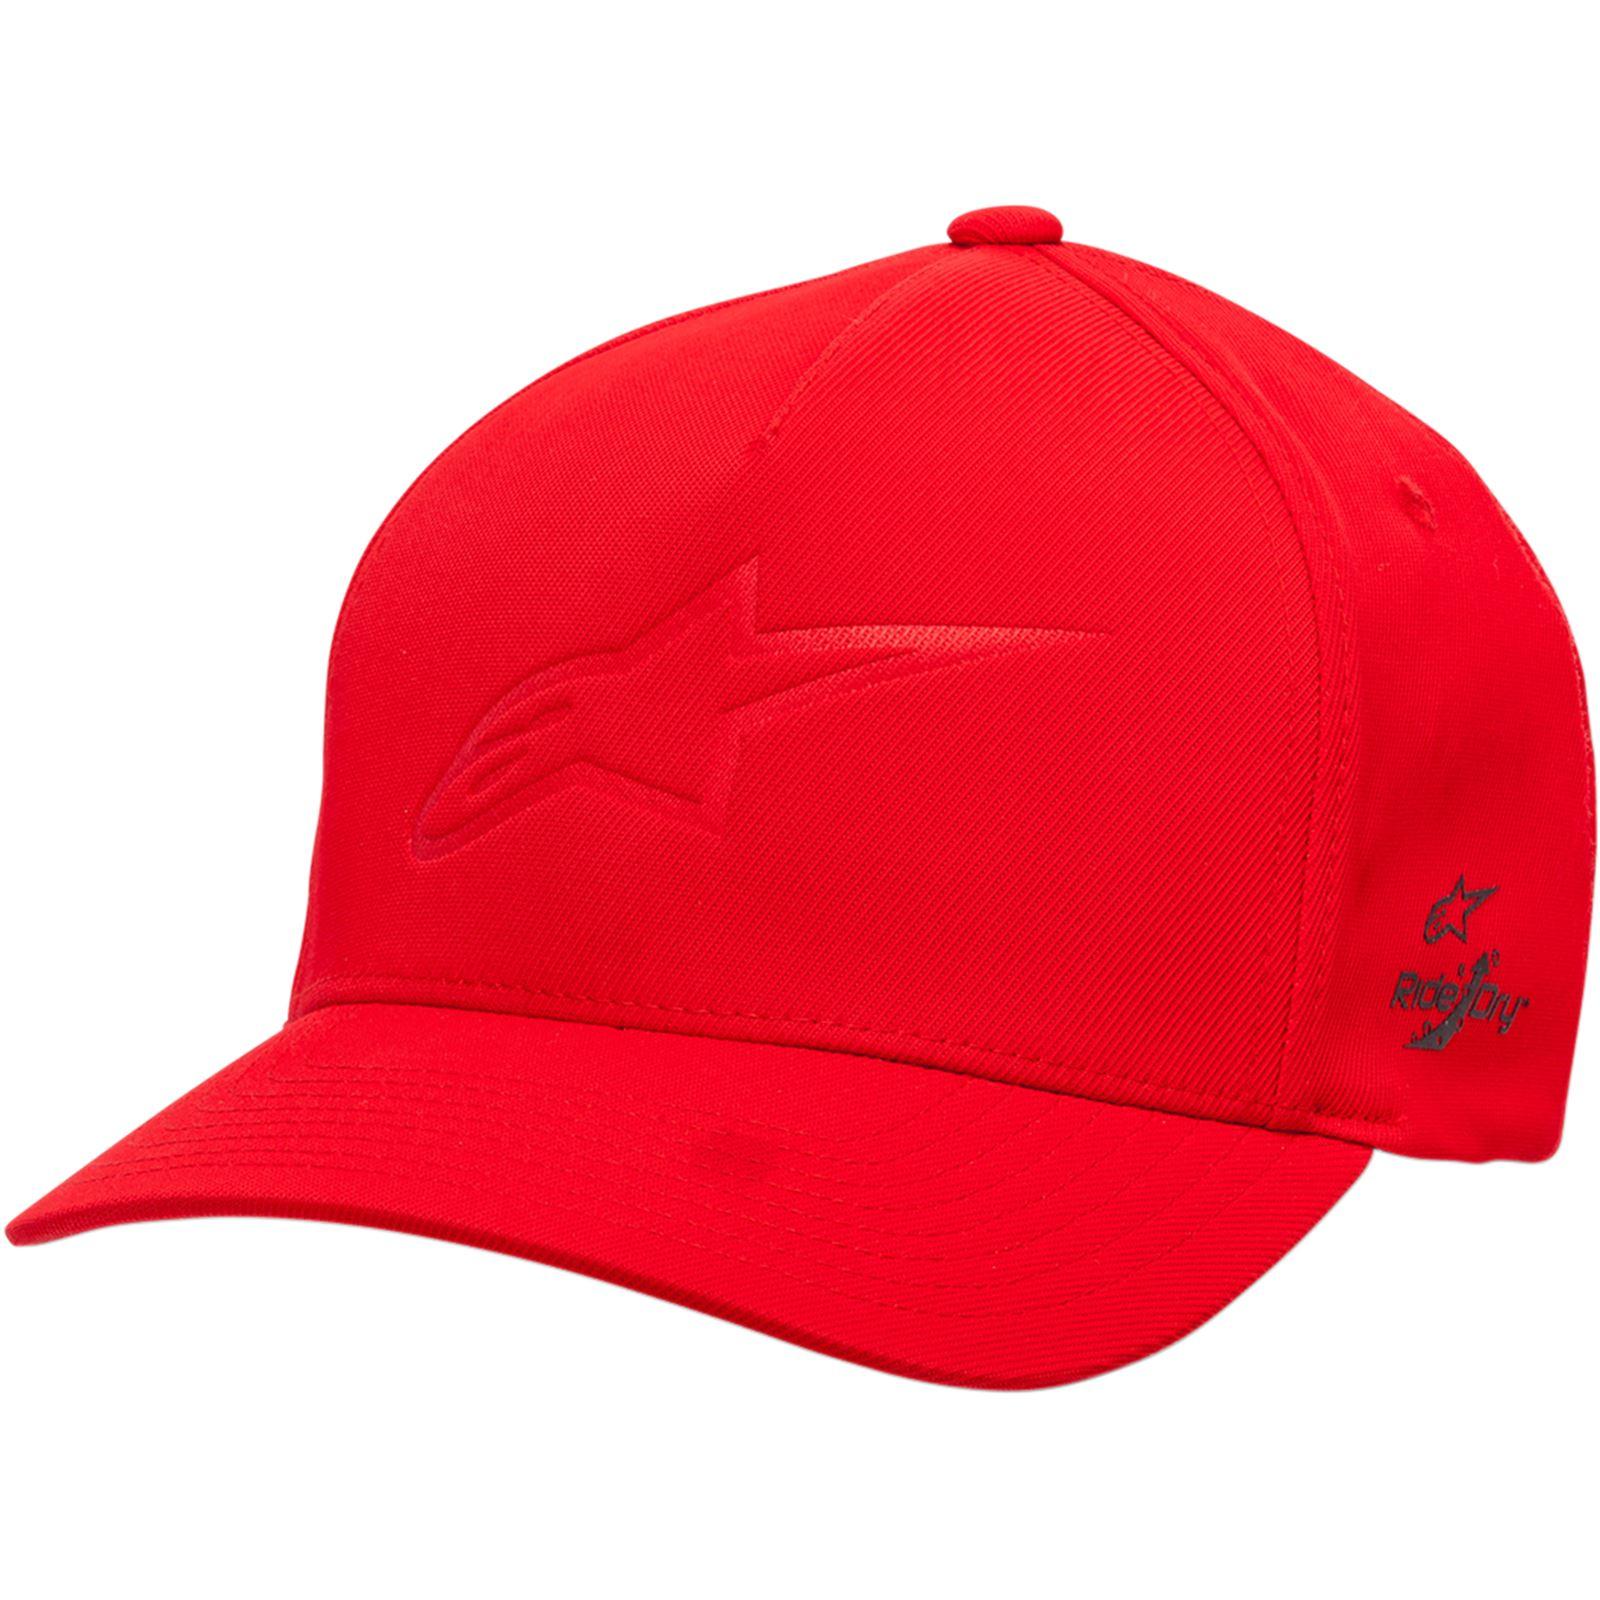 Alpinestars Ageless Deboss Tech Hat - Red- Small/Medium